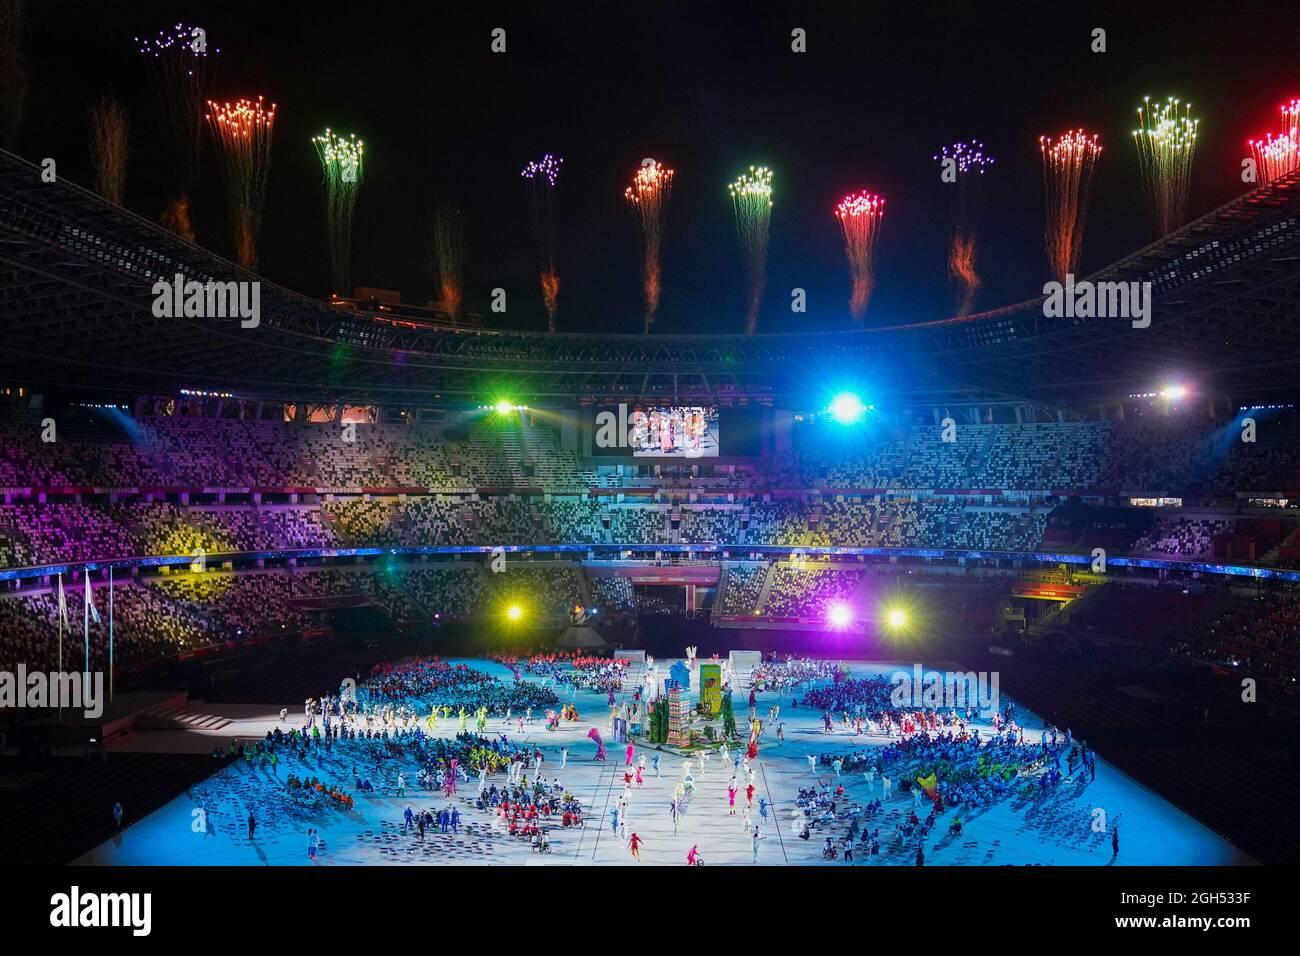 TOKIO, JAPAN - 5. SEPTEMBER: Feuerwerk während der Abschlusszeremonie der Paralympischen Spiele 2020 in Tokio im Olympiastadion am 5. September 2021 (Foto von Helene Wiesenhaan/Orange Picics) NOCNSF Atletiekunie Credit: Orange Pics BV/Alamy Live News Stockfoto